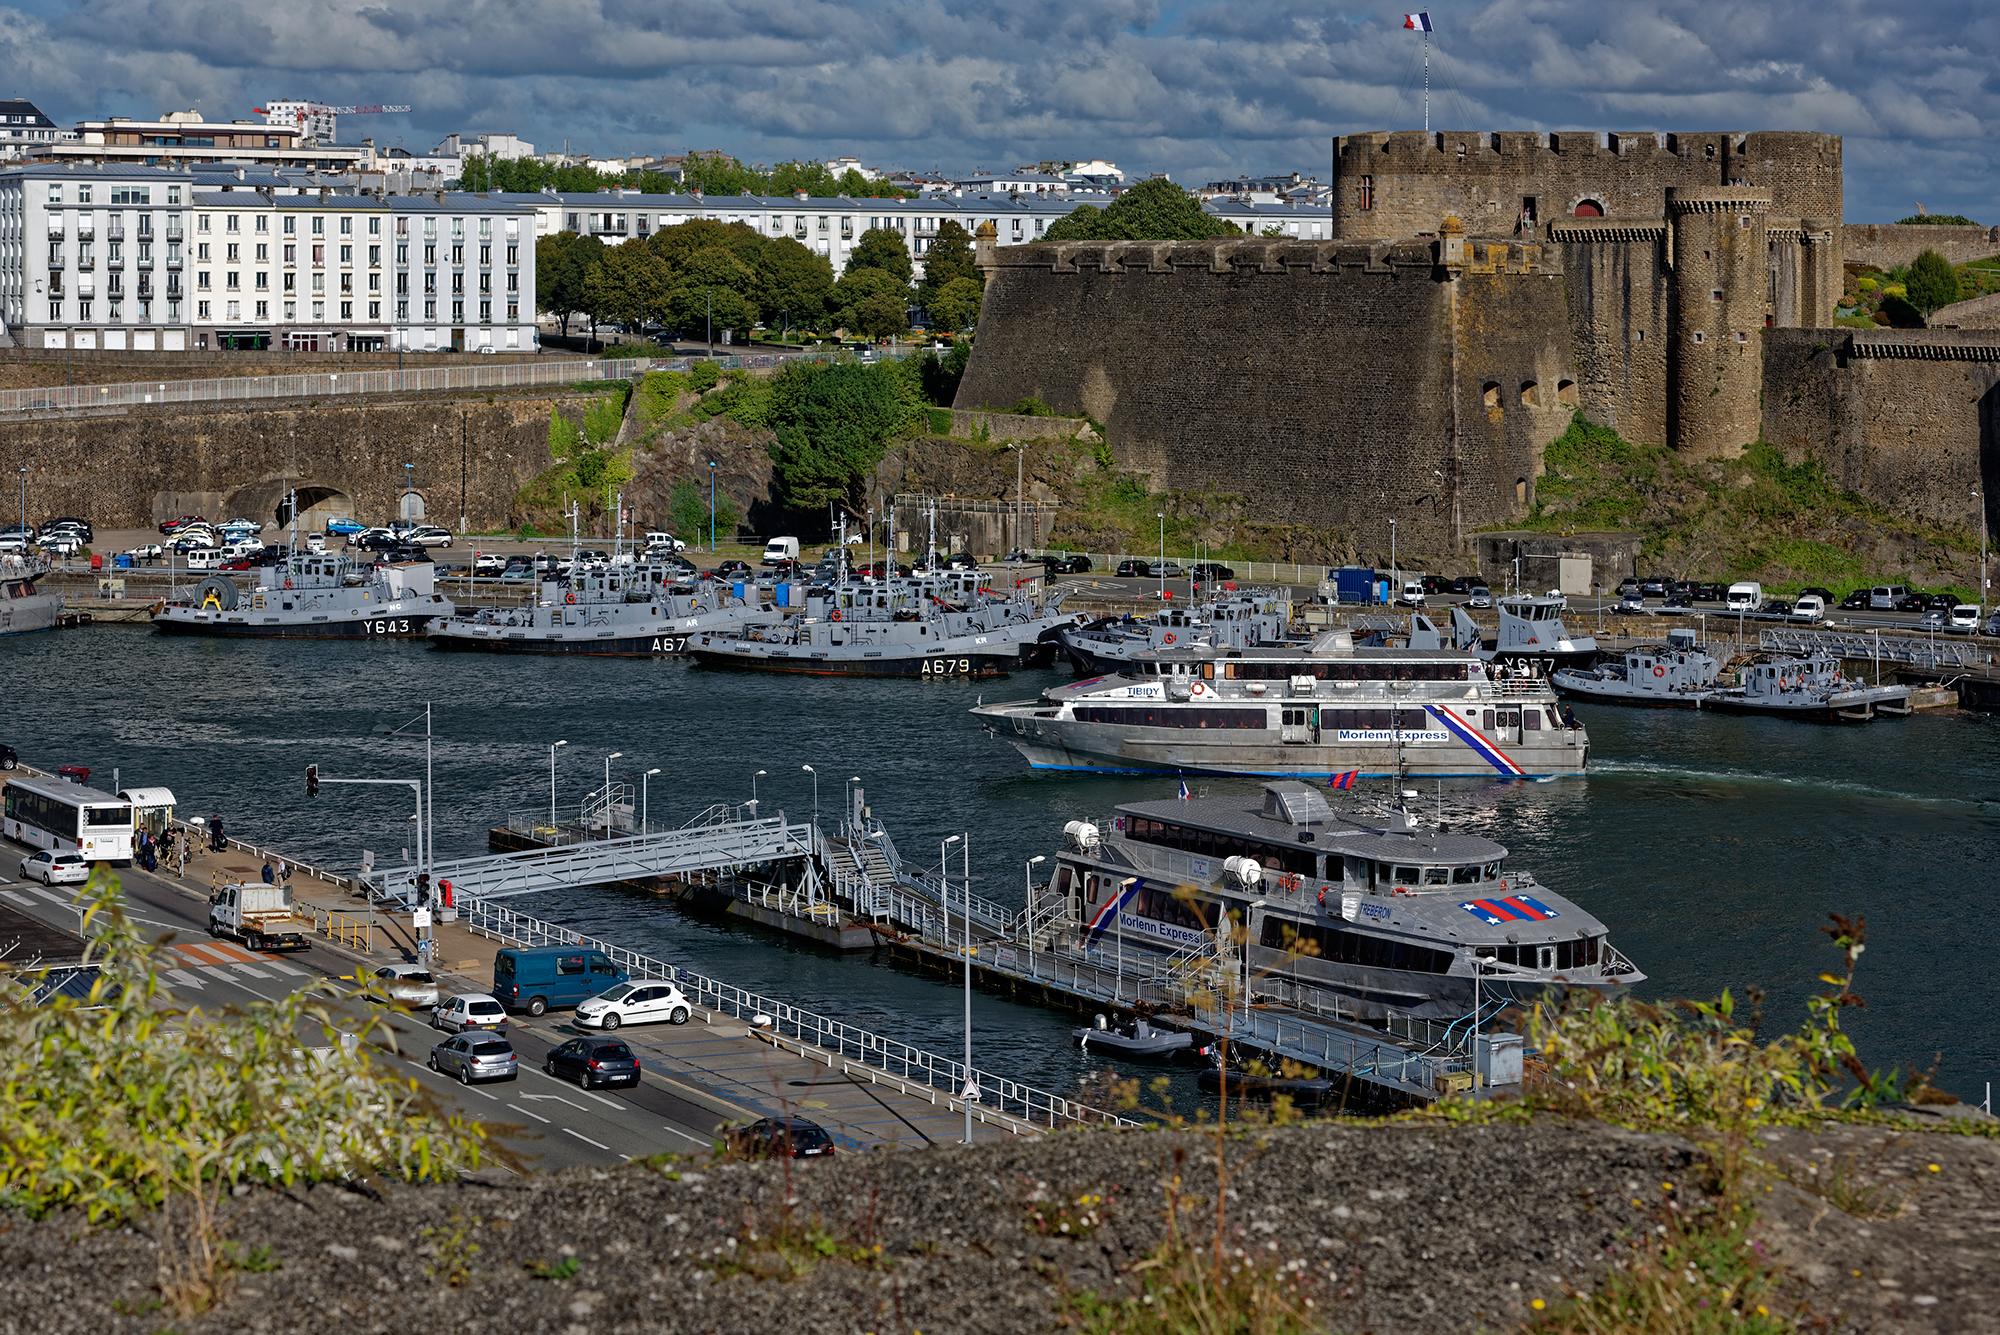 In Brest ein Blick vom Jardin des Explorateurs über den Penfeld auf die Festung von Brest, das heute unter anderem das Musée de la Marine au Château de Brest beherbergt